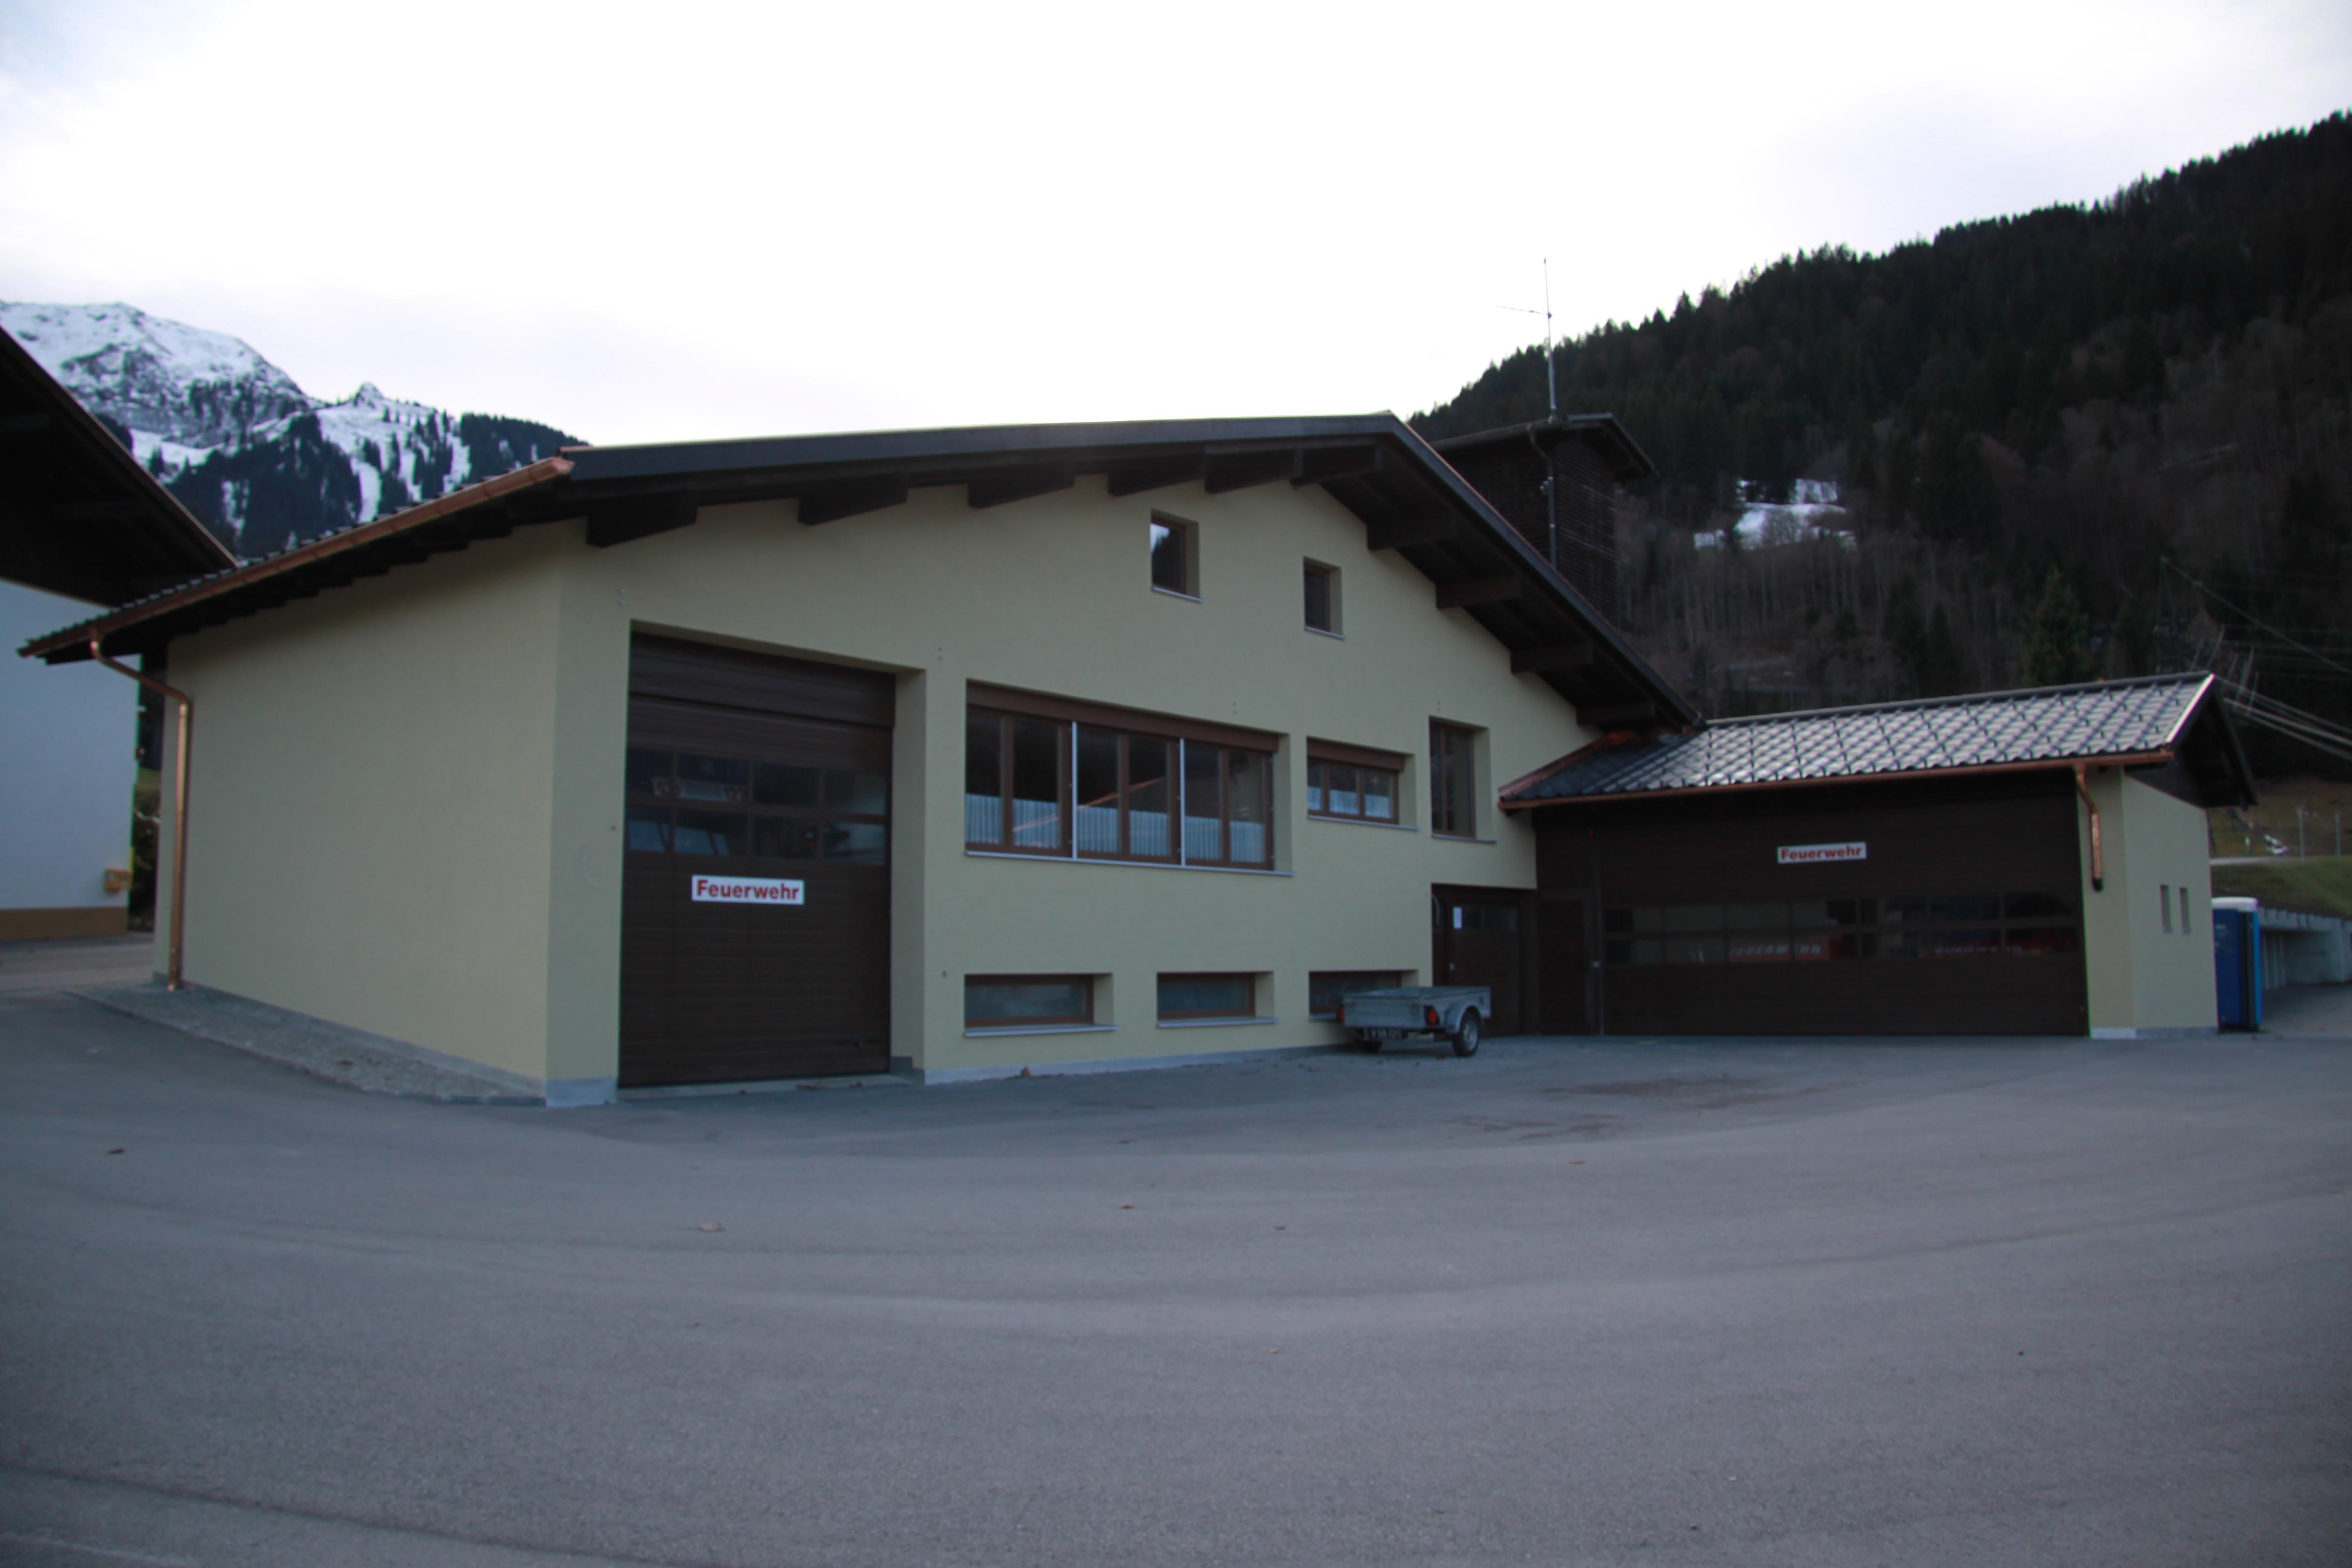 Feuerwehrhaus Latschau, Tschagguns